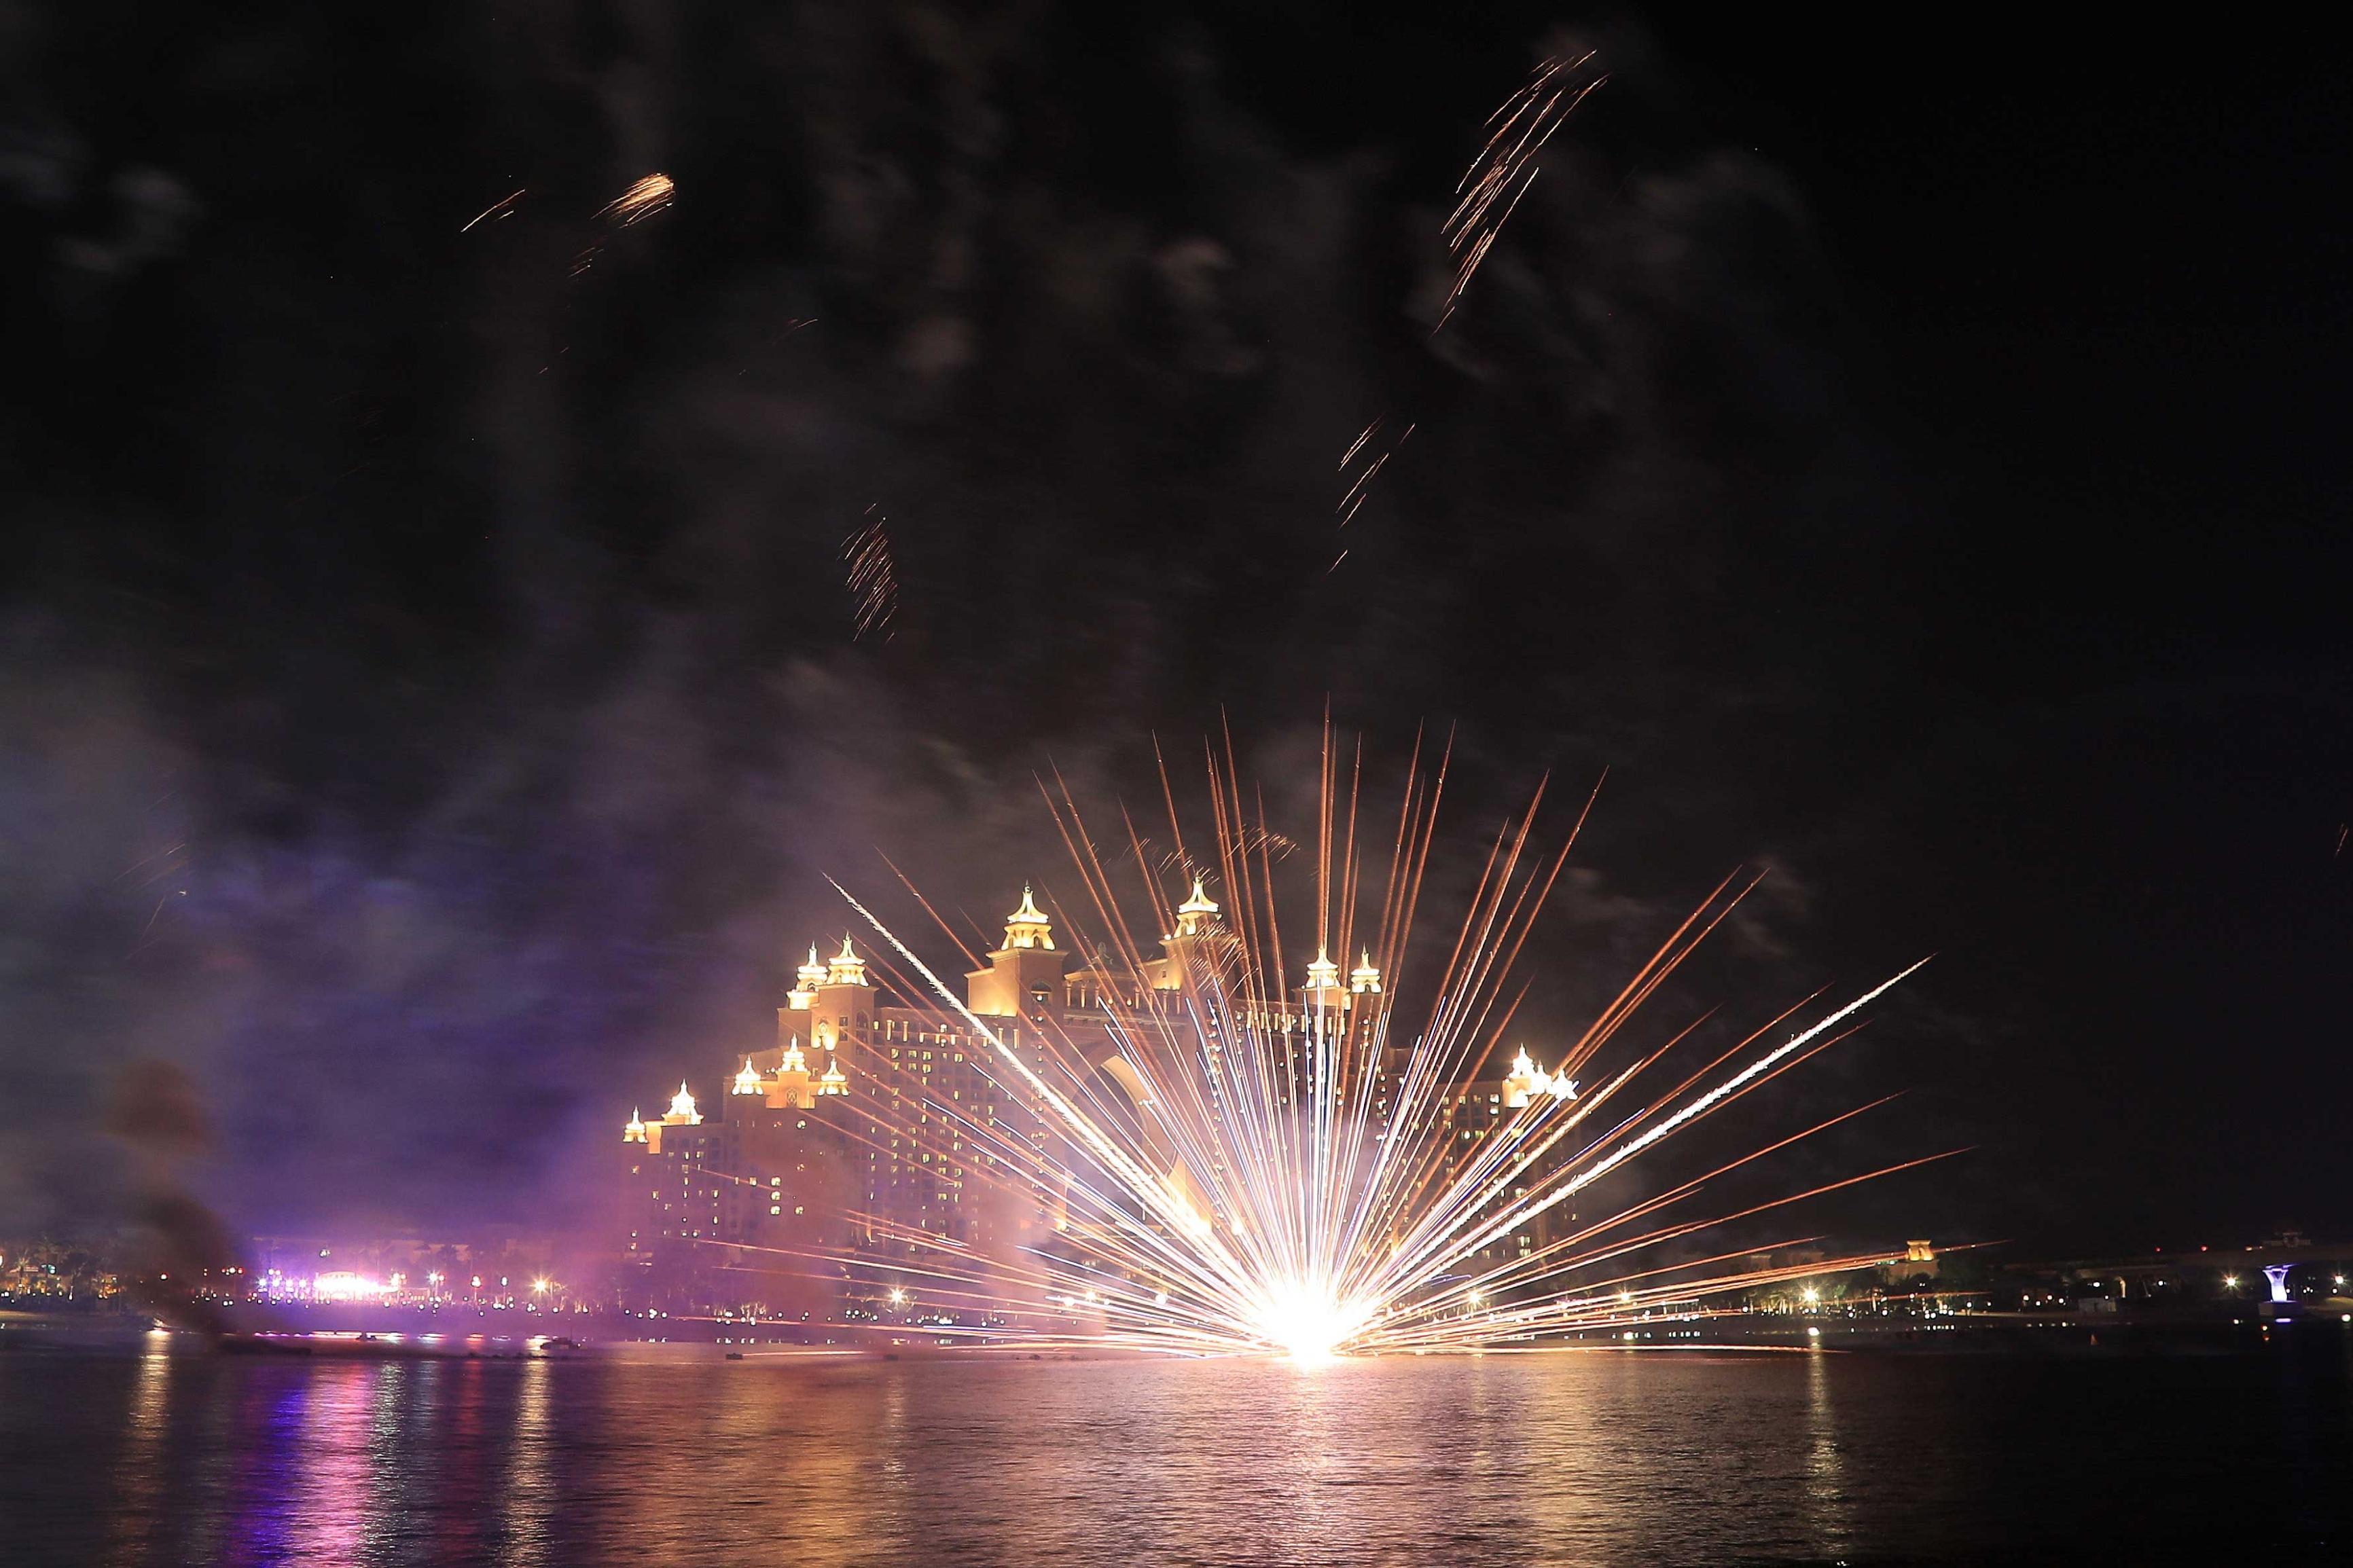 الصورة : احتفالات رأس السنة في اتلانتيس النخلة - تصوير : عبدالله المطروشي